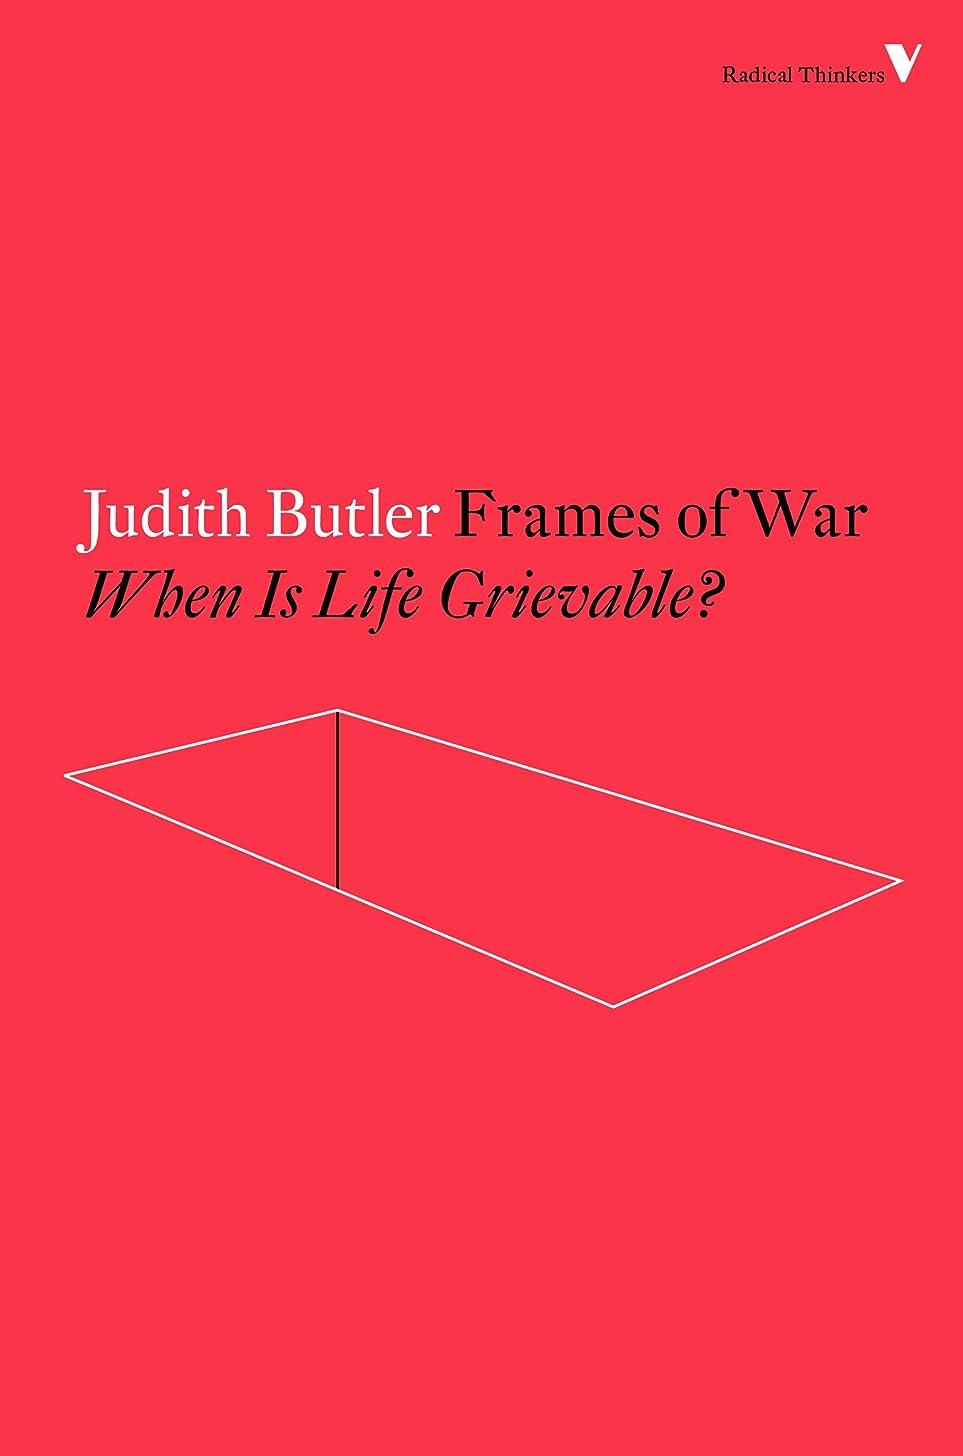 黙麻痺胆嚢Frames of War: When Is Life Grievable? (Radical Thinkers) (English Edition)